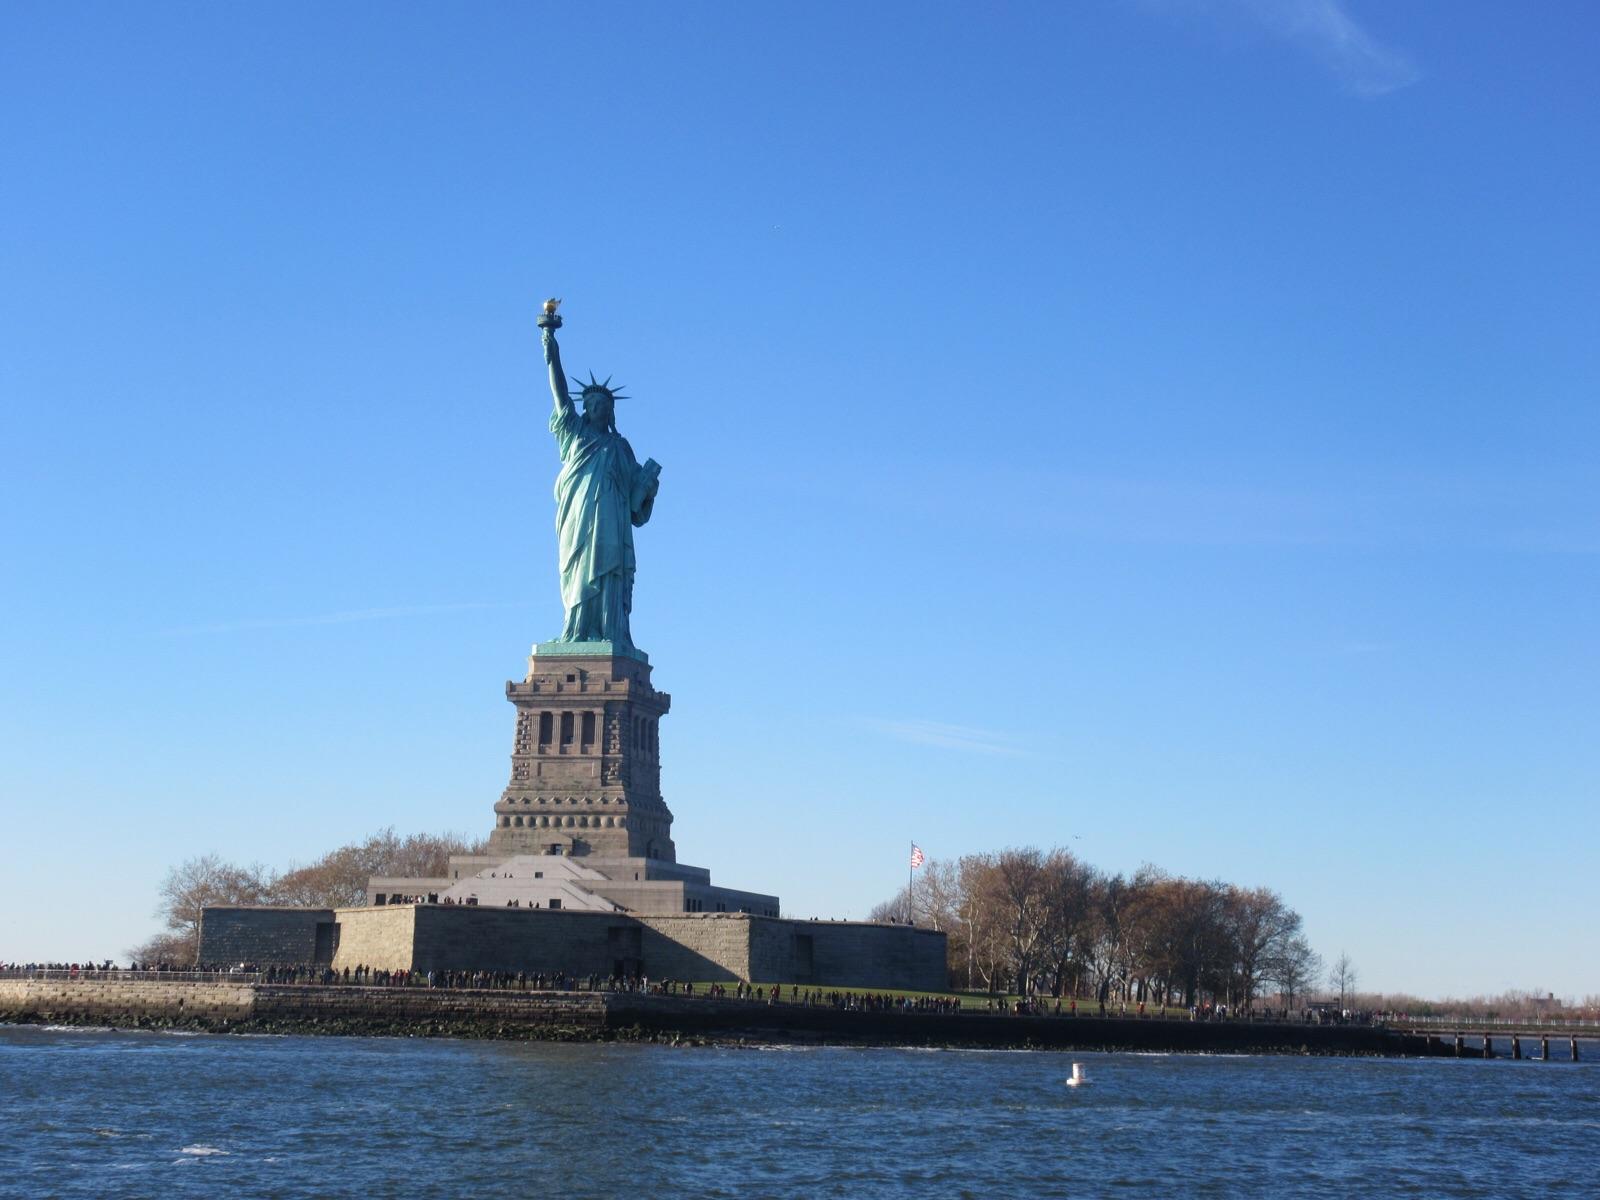 自由の女神像 (ニューヨーク)の画像 p1_27